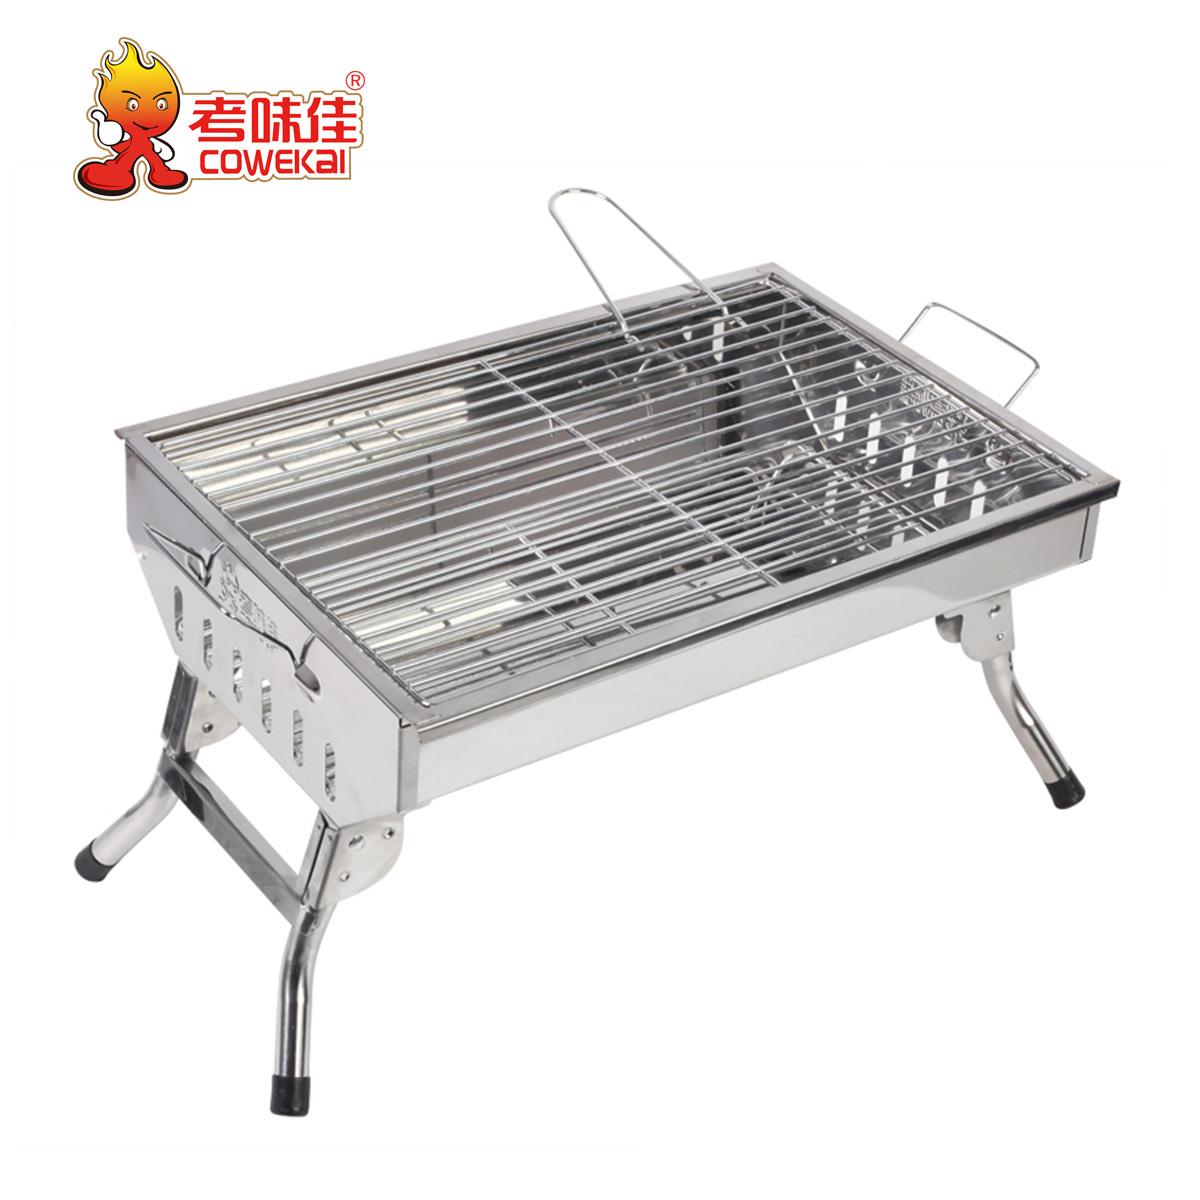 考味佳 不锈钢烧烤炉 家用户外烧烤架便携式烧烤用品木炭烧烤炉子